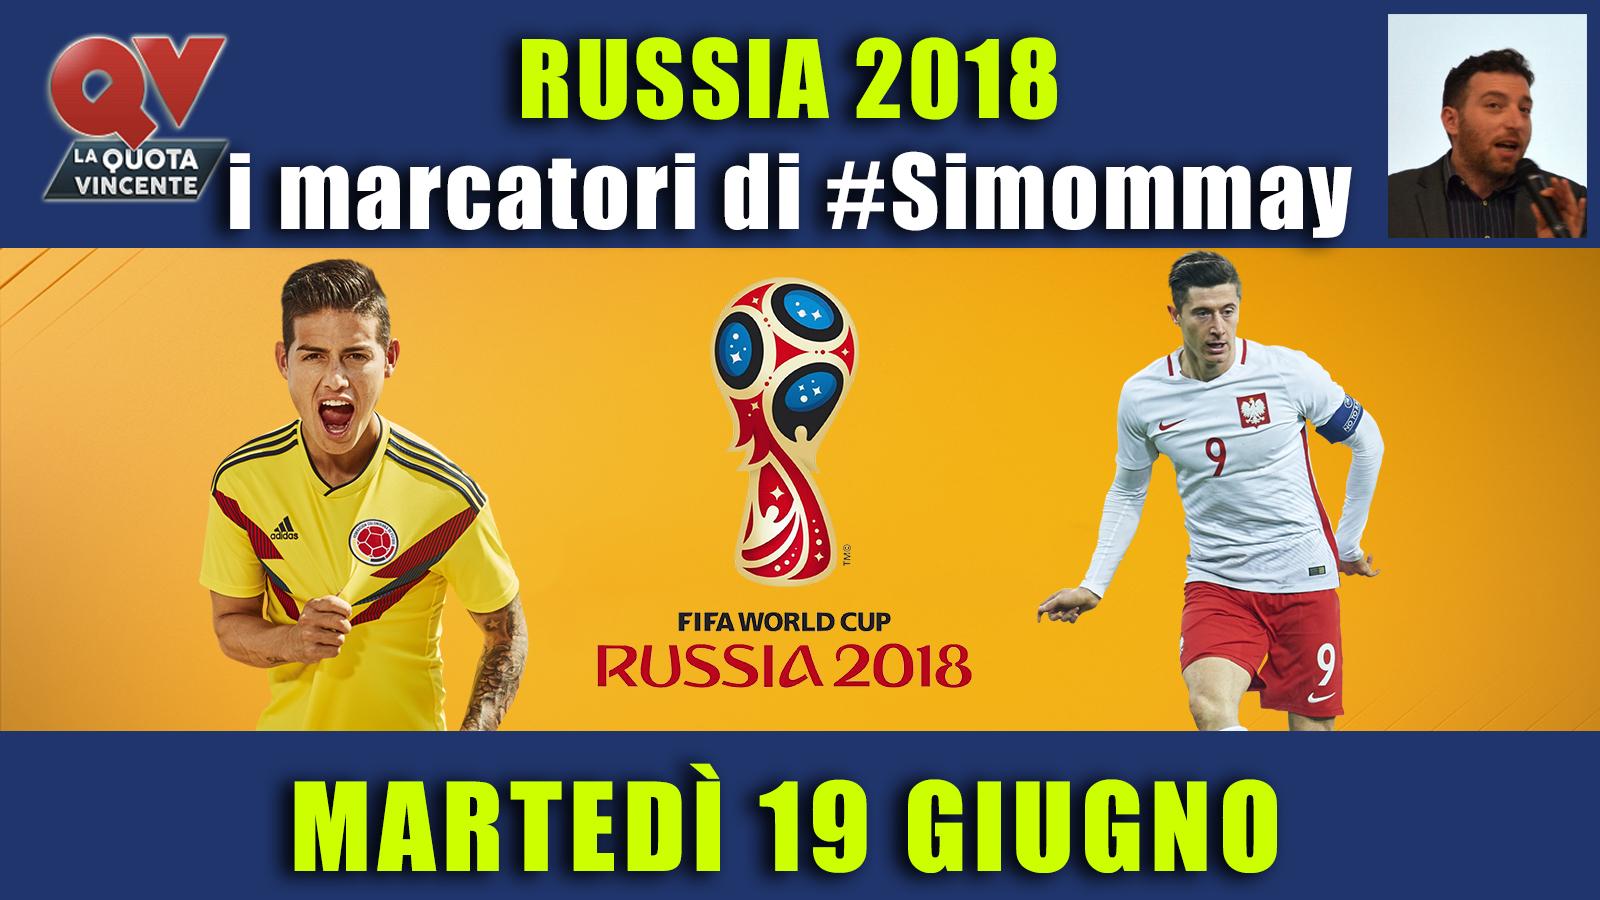 Pronostici marcatori Mondiali 19 giugno: i marcatori di #simommay